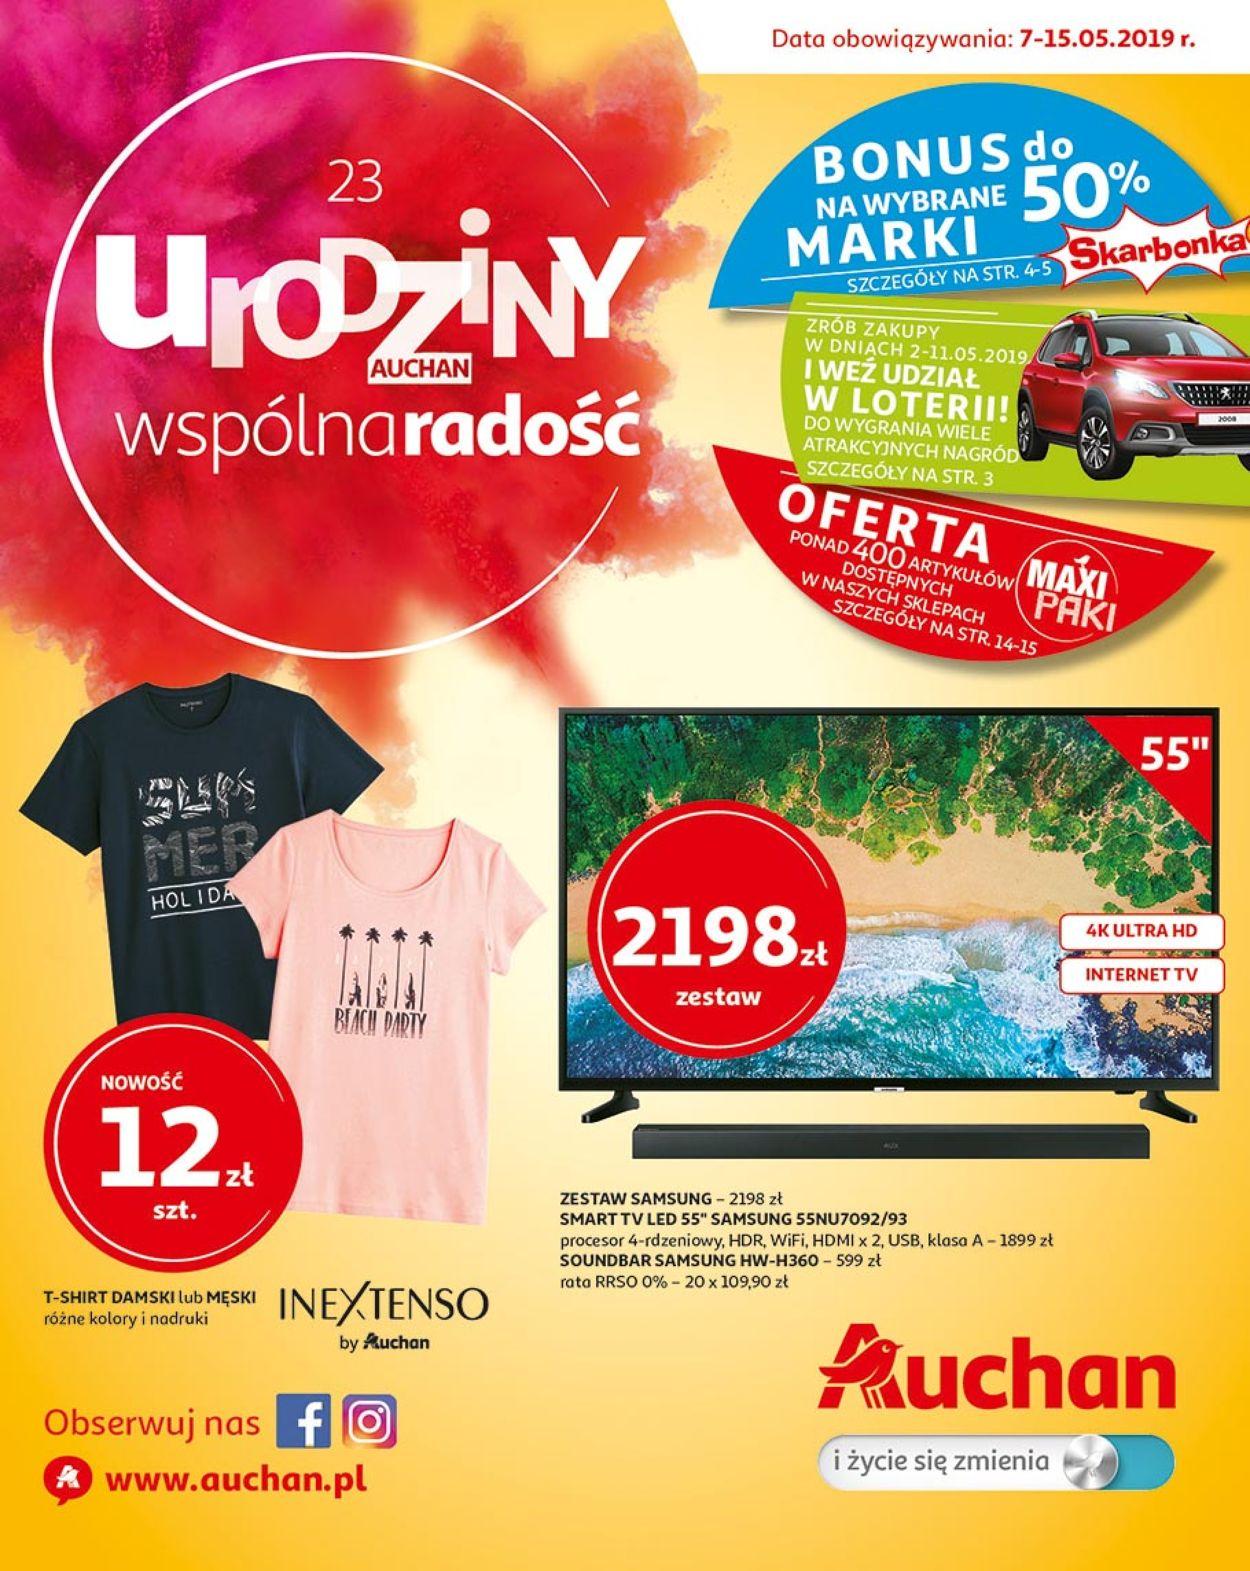 Gazetka promocyjna Auchan - 07.05-15.05.2019